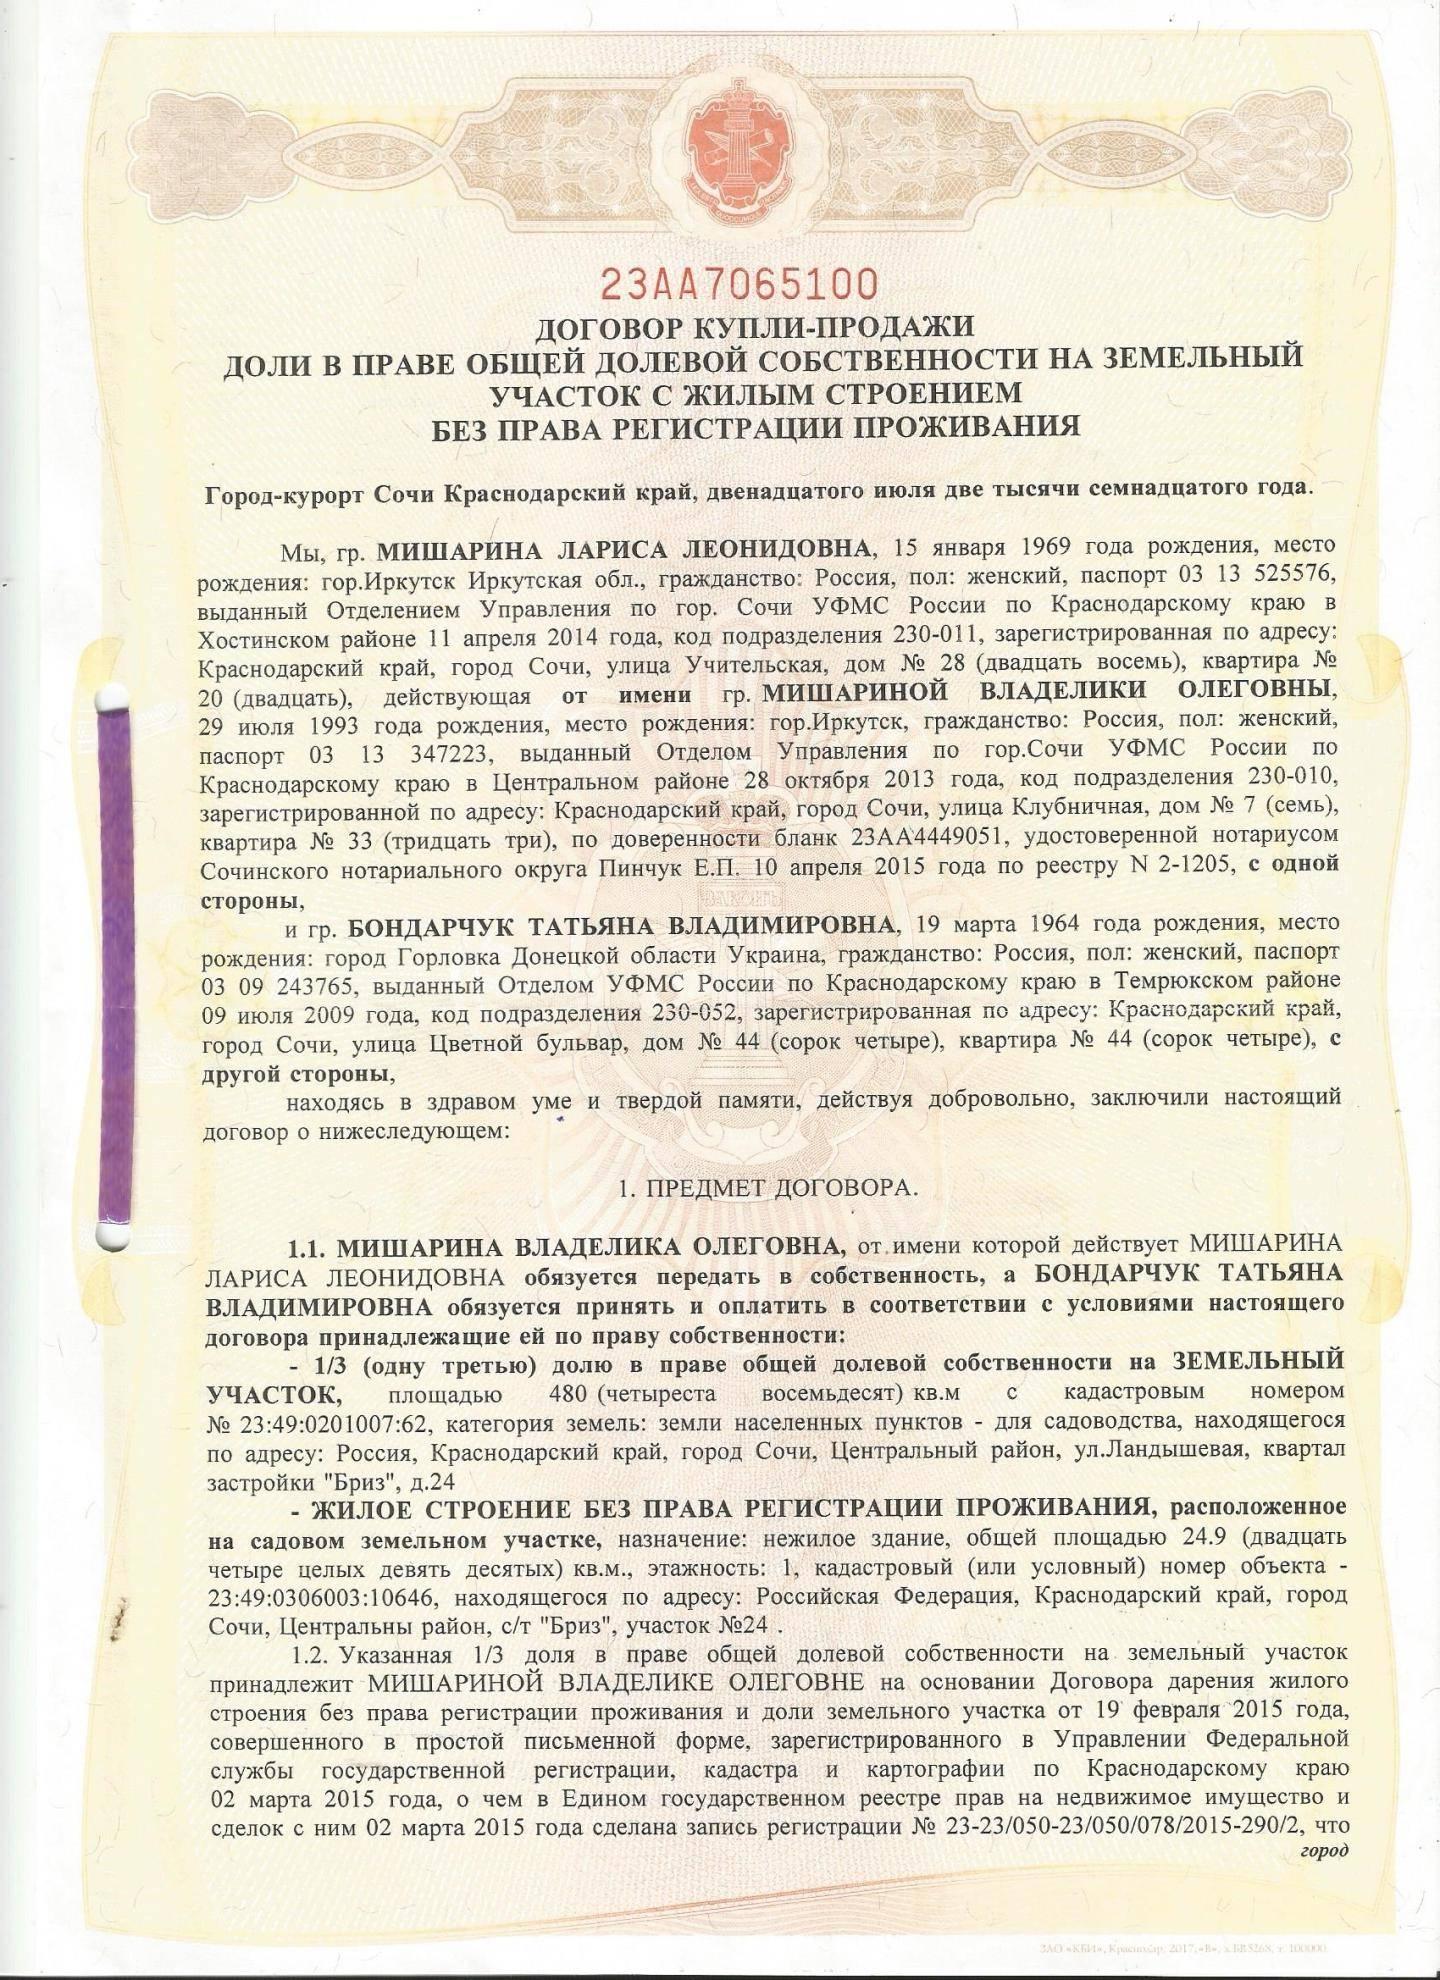 Оформление договора купли-продажи земельного участка по доверенности